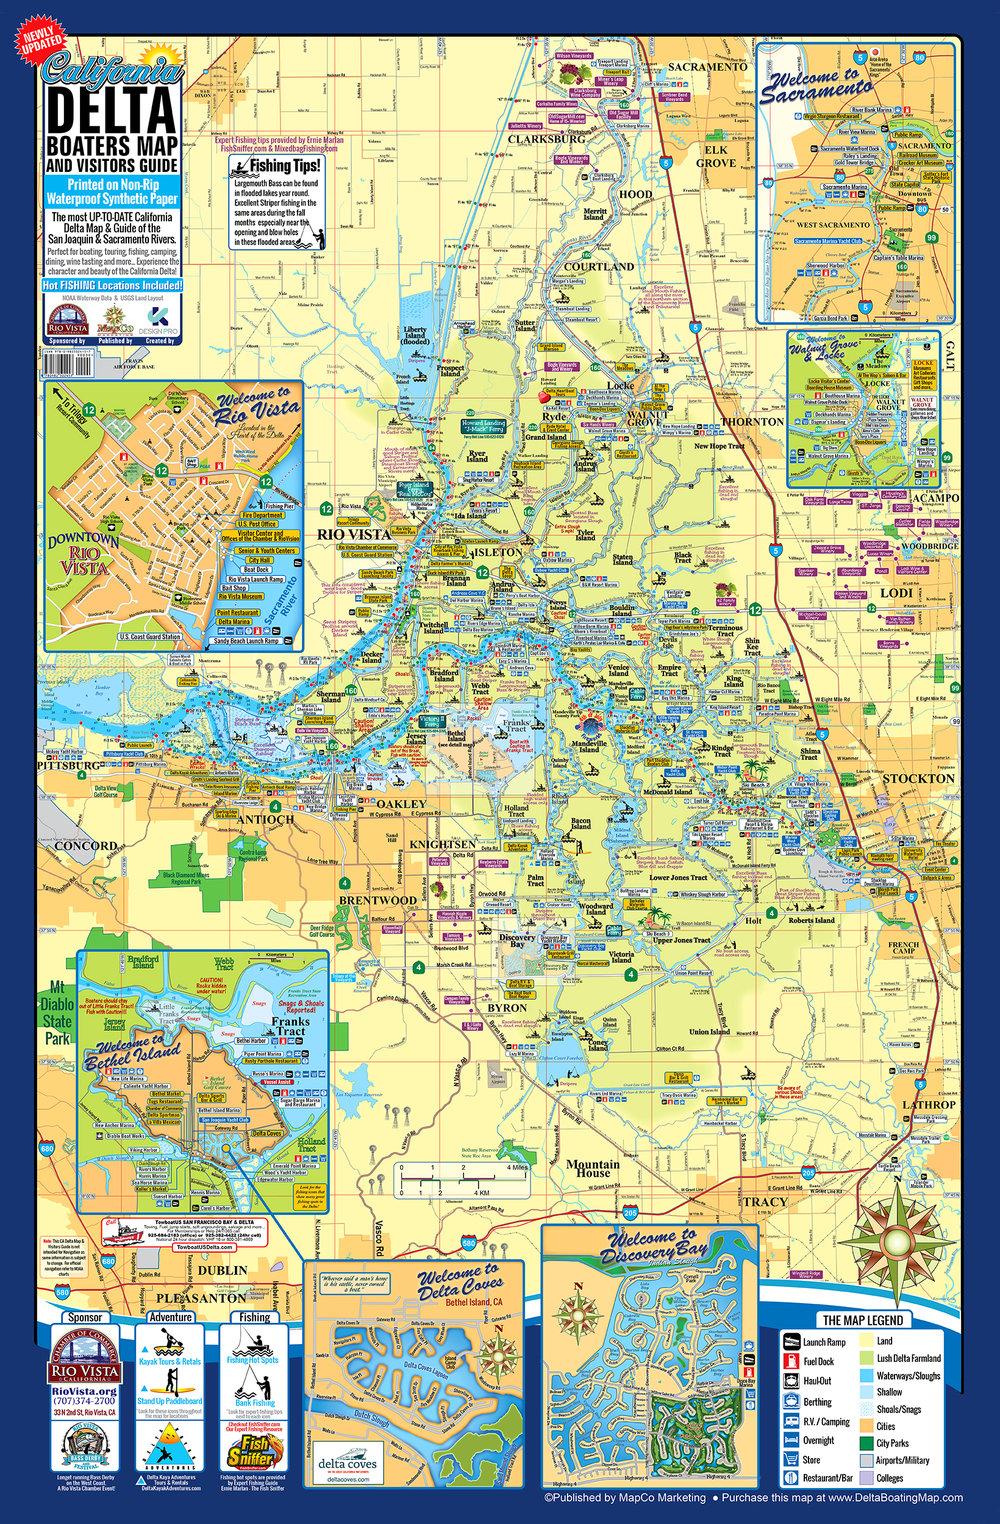 2018_Delta_Navigation_map-FINAL-for-emailing.jpg